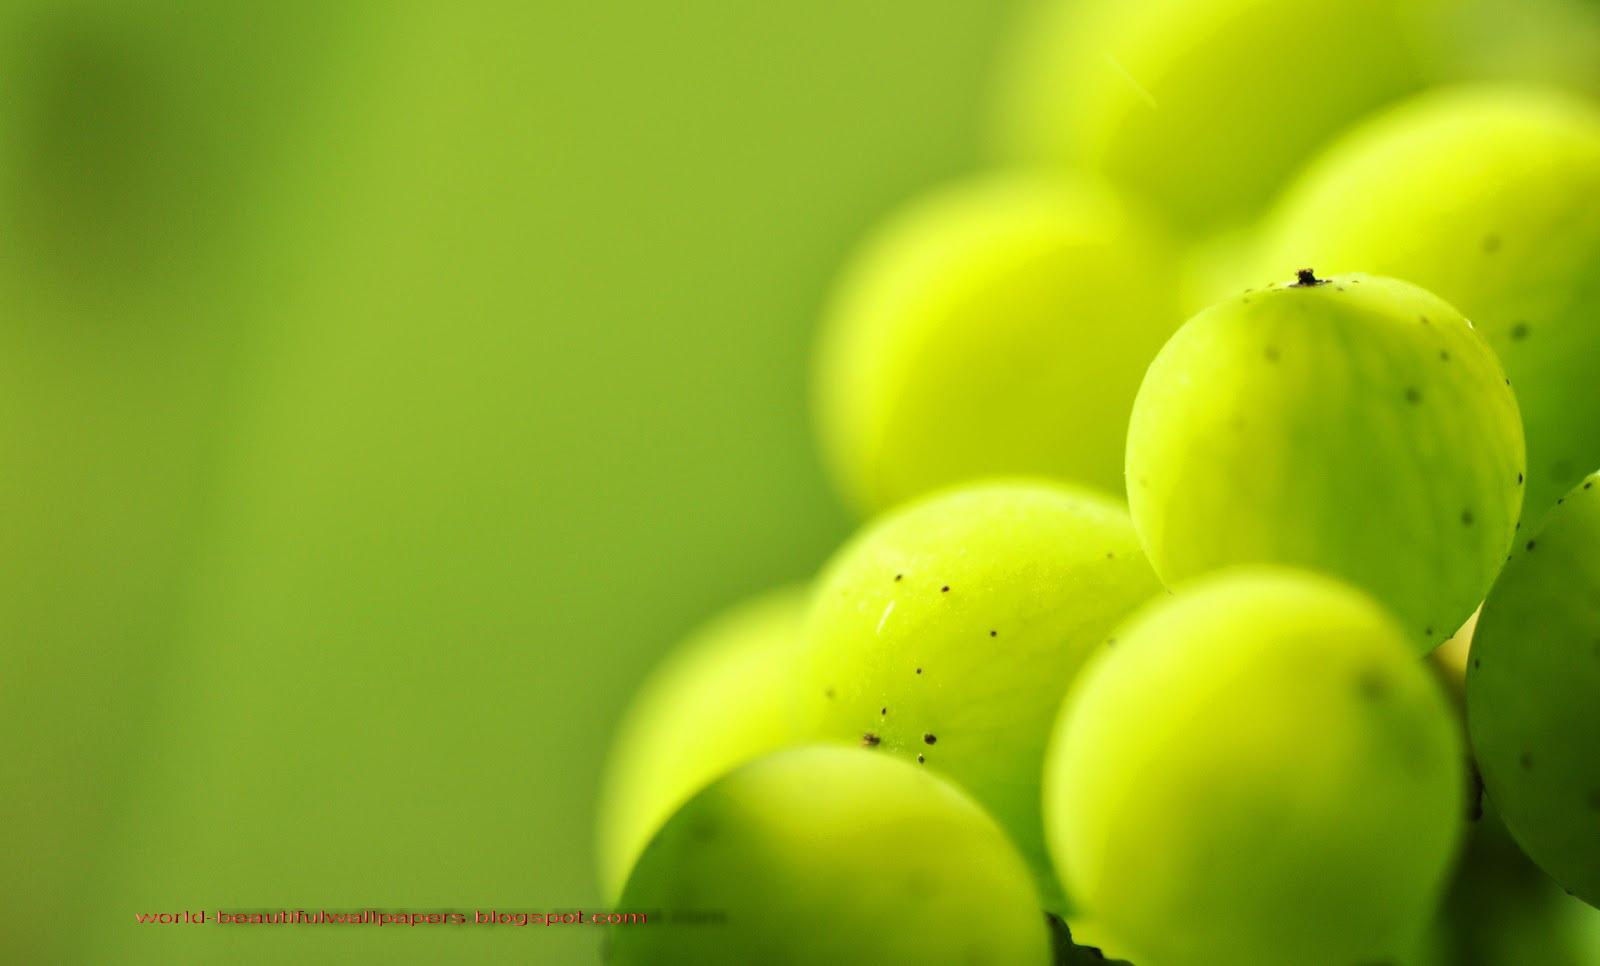 image 3d fruit desktop - photo #37